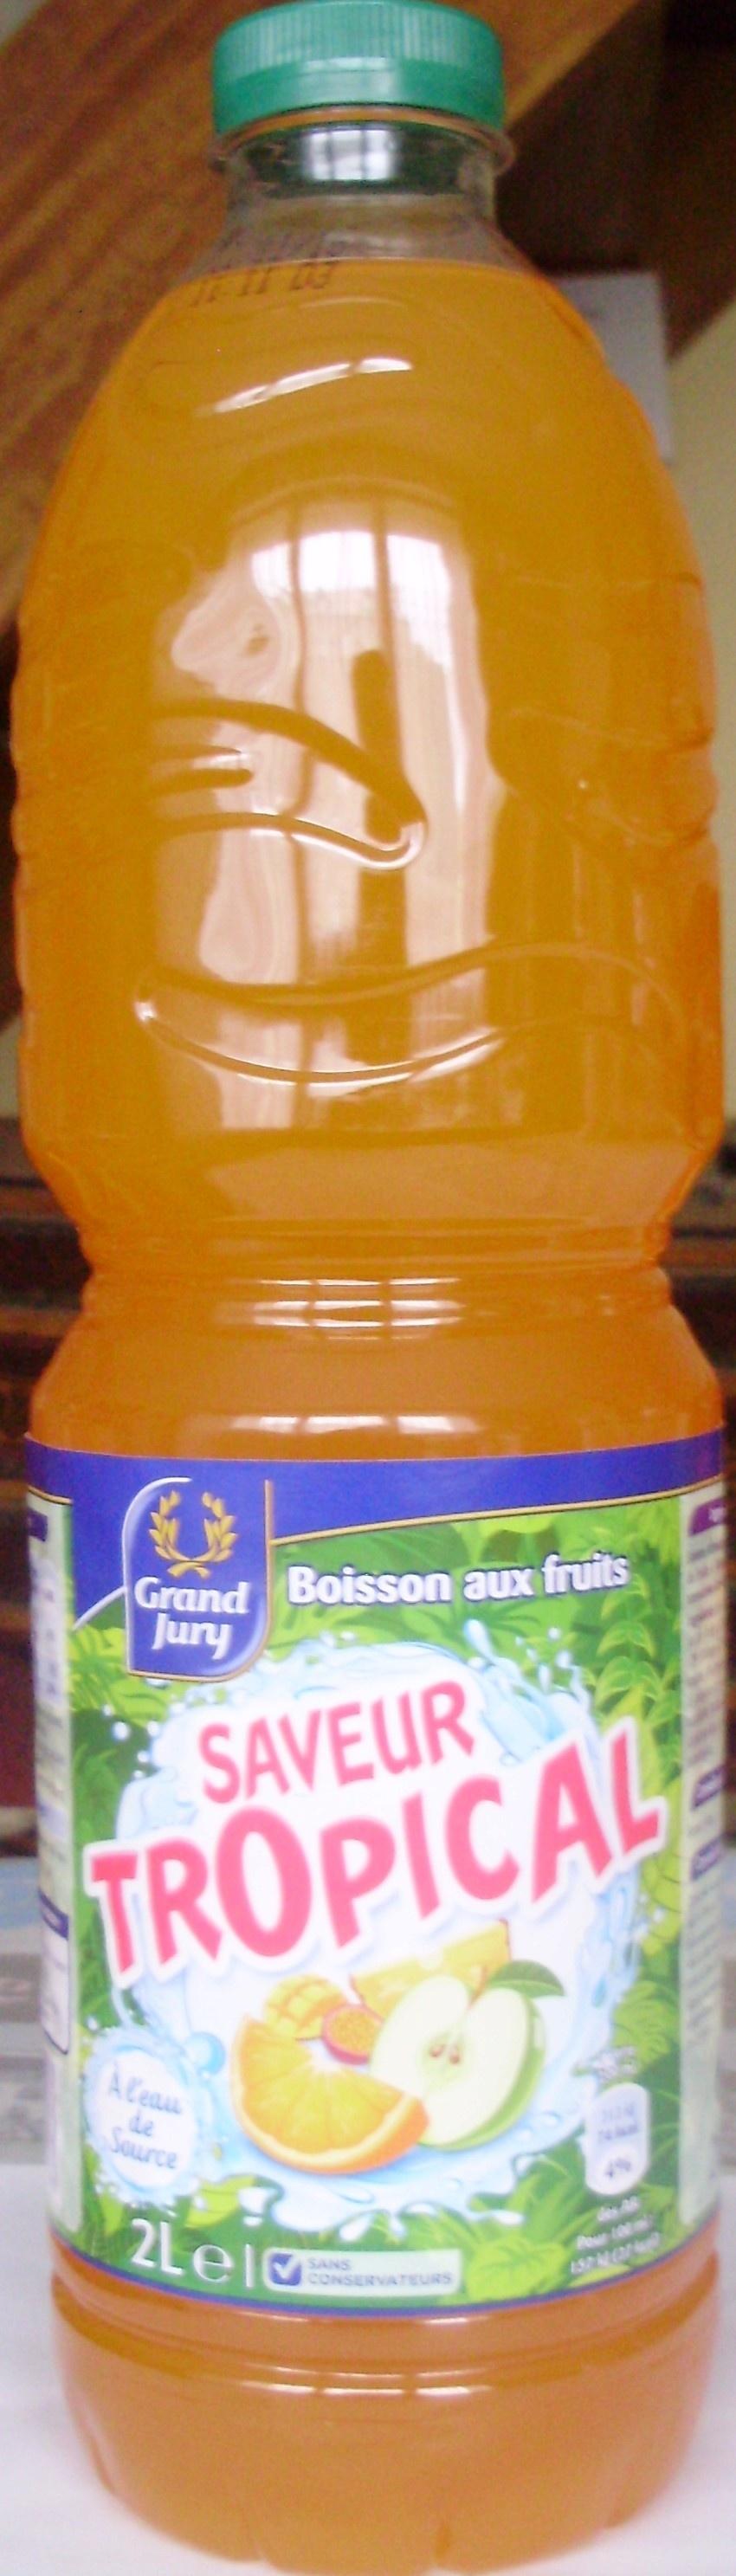 Boisson aux fruits Saveur Tropical - Produit - fr